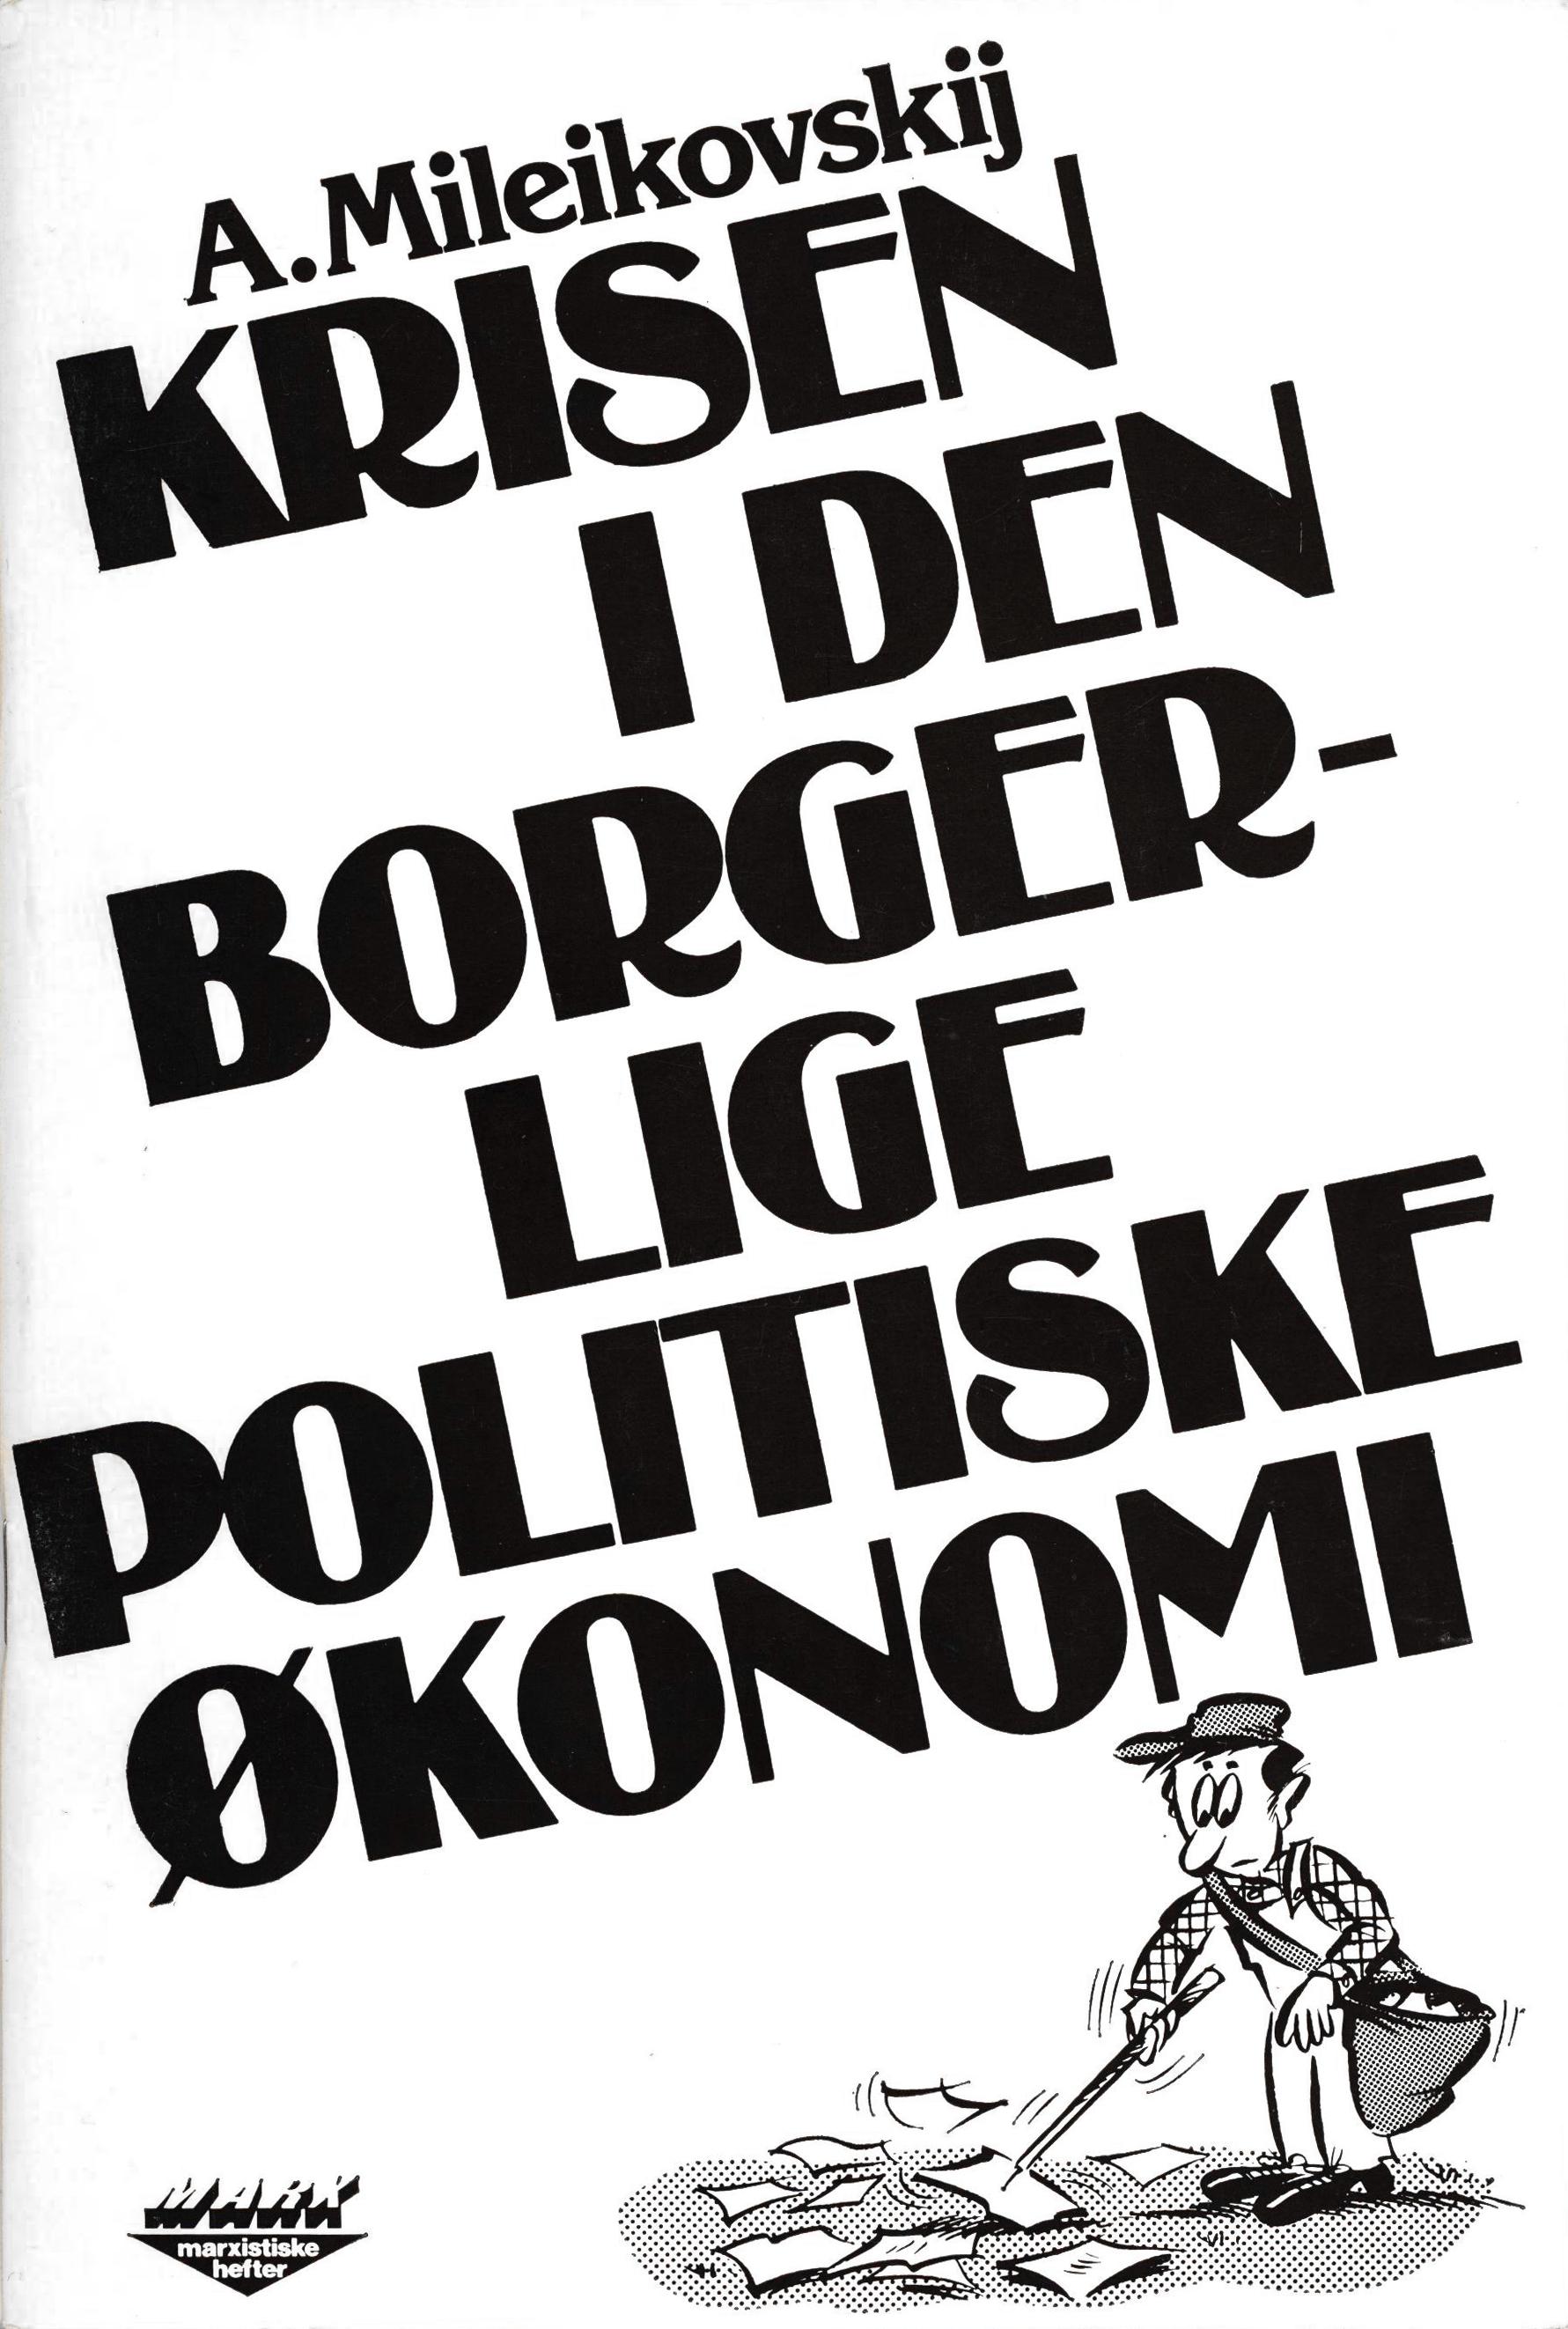 A. Mileikovskij: Krisen i den borgerlige politiske økonomi